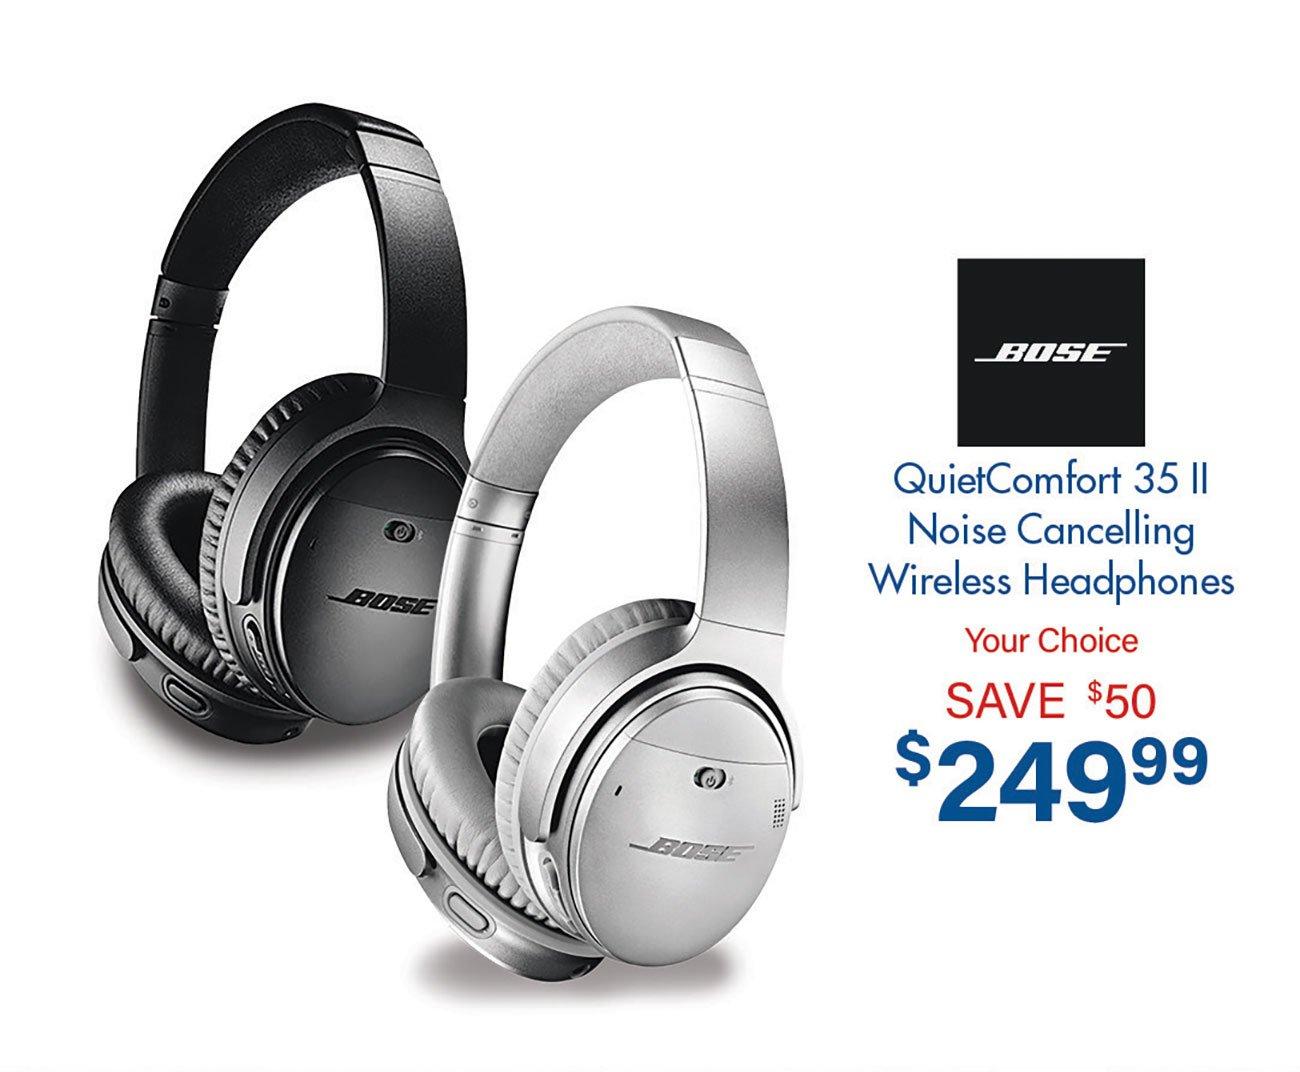 Bose-QuietComfort-35-II-Noise-Cancelling-Headphones